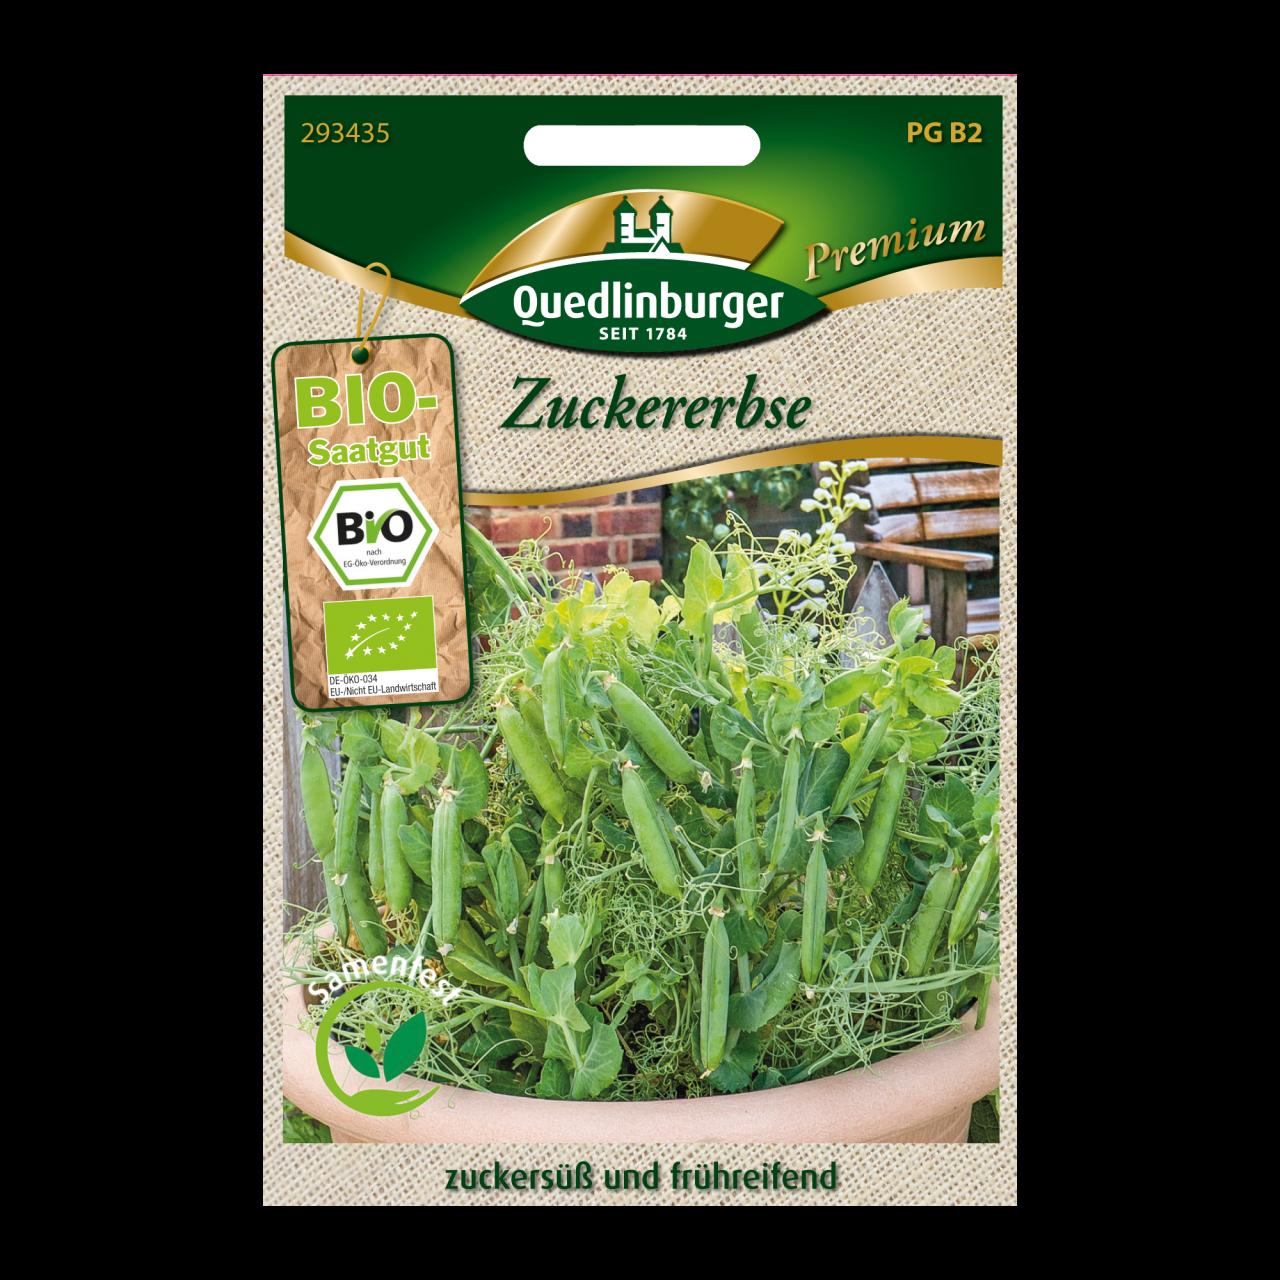 Quedlinburger Saatgut Zuckererbse Vorderseite